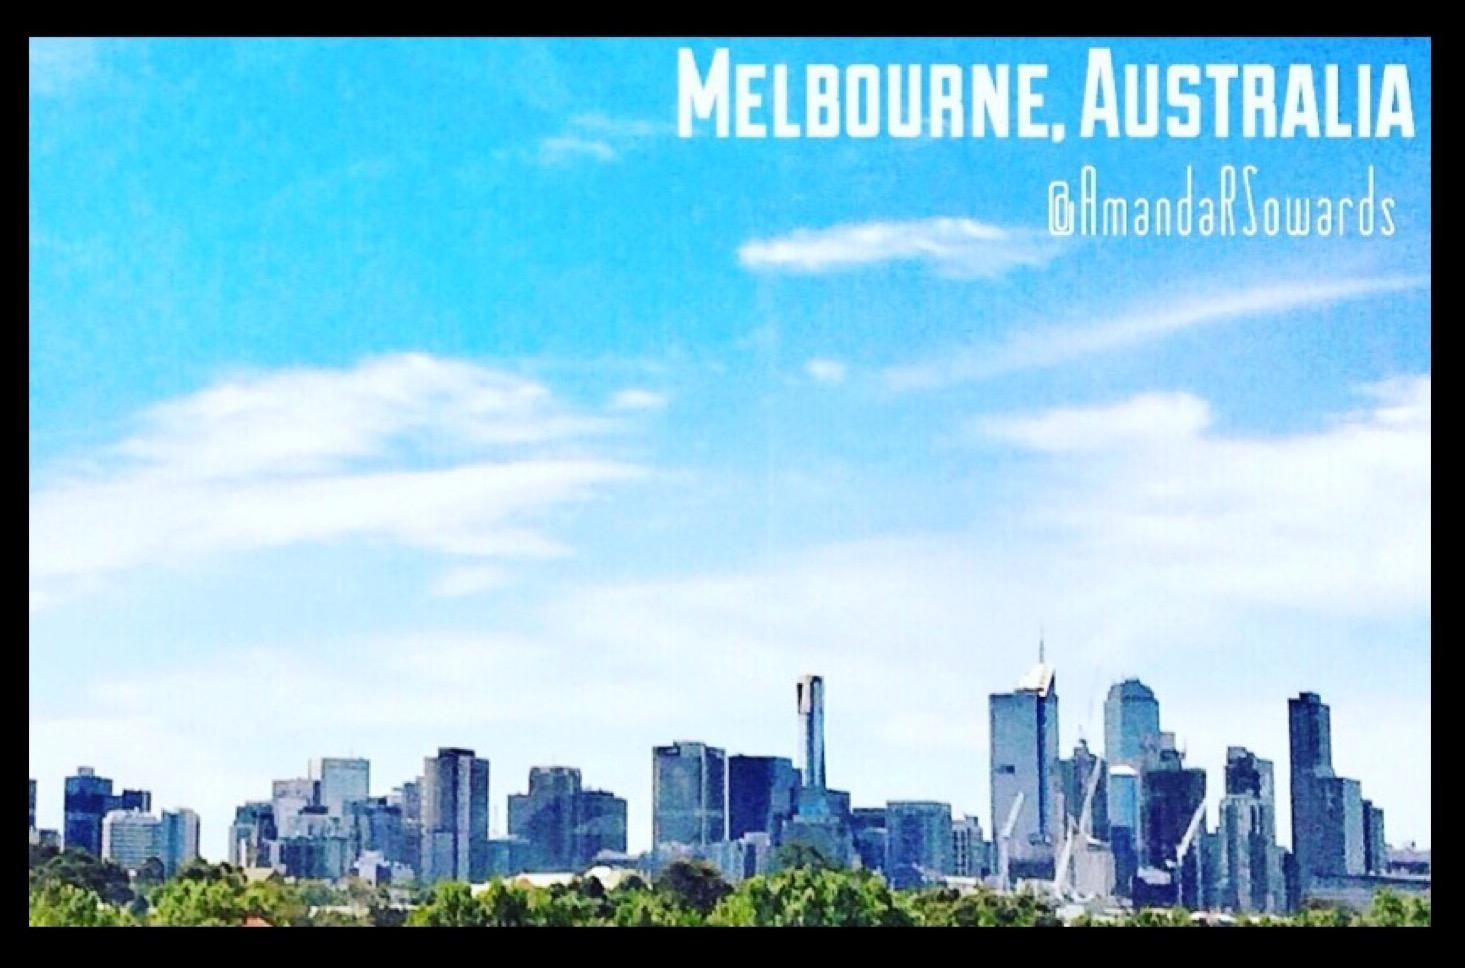 Melbourne Australia Amanda Sowards